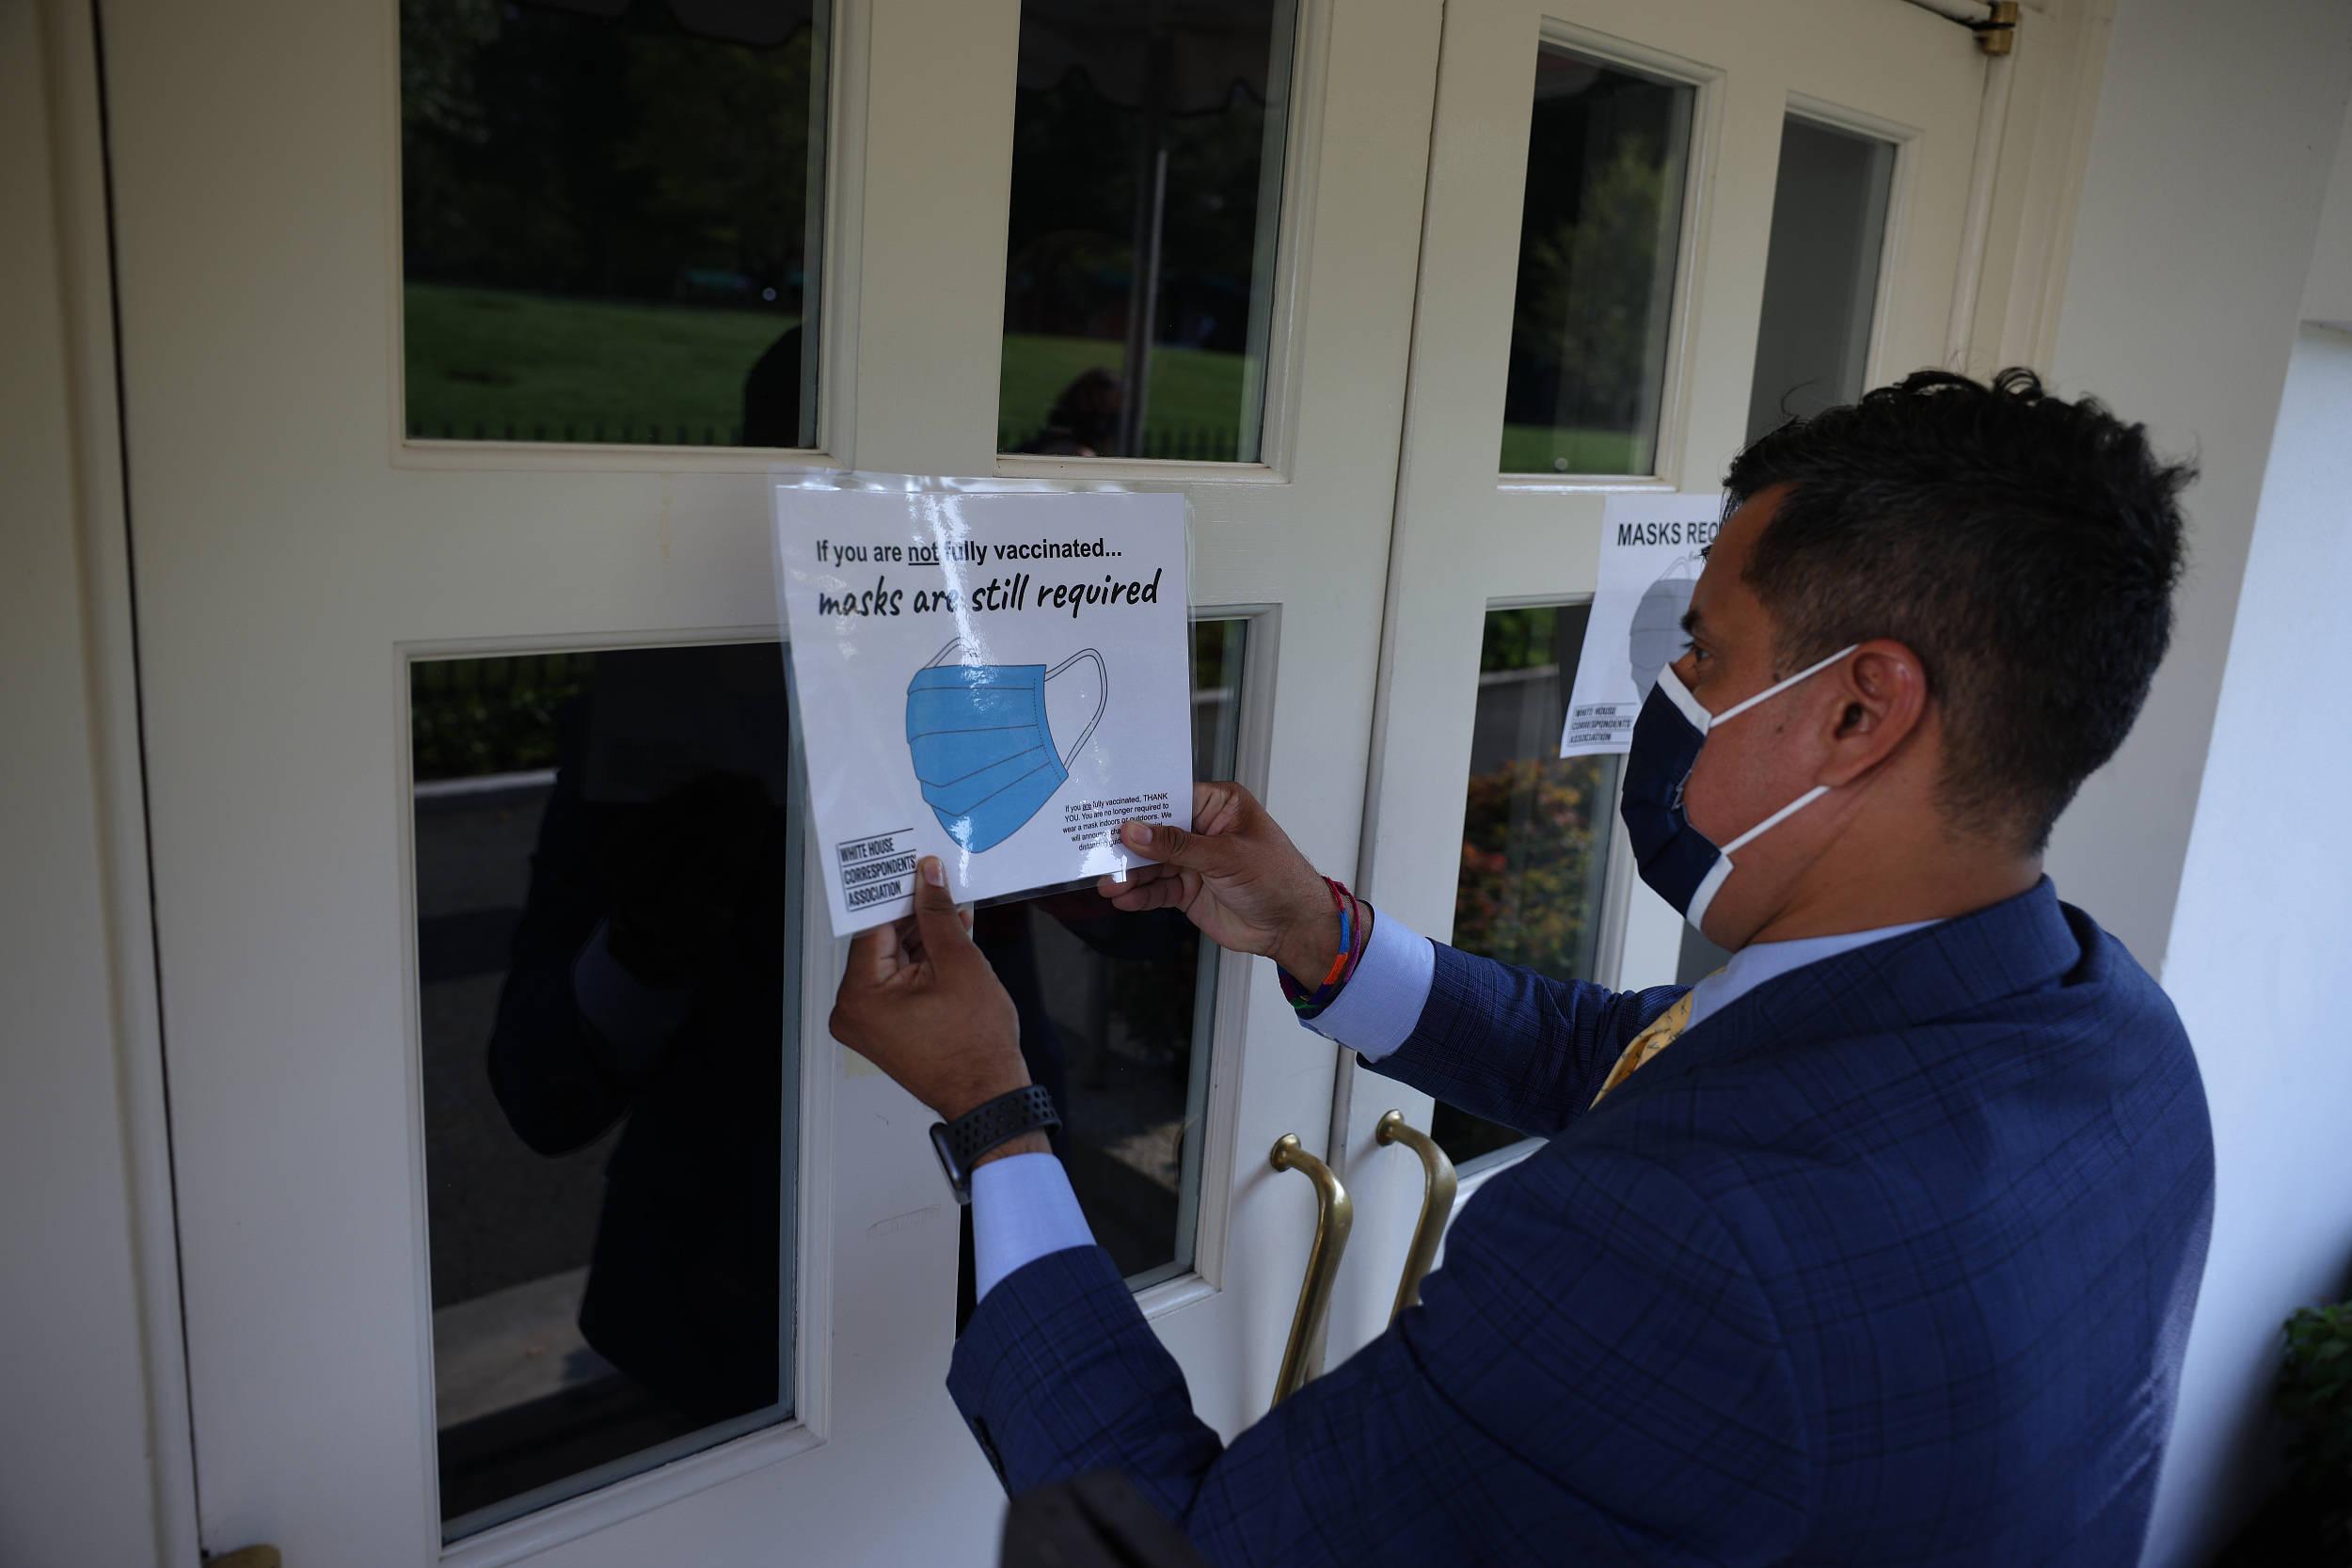 美疾控中心建议疫苗接种者戴口罩,共和党州长:不合常识,不遵守